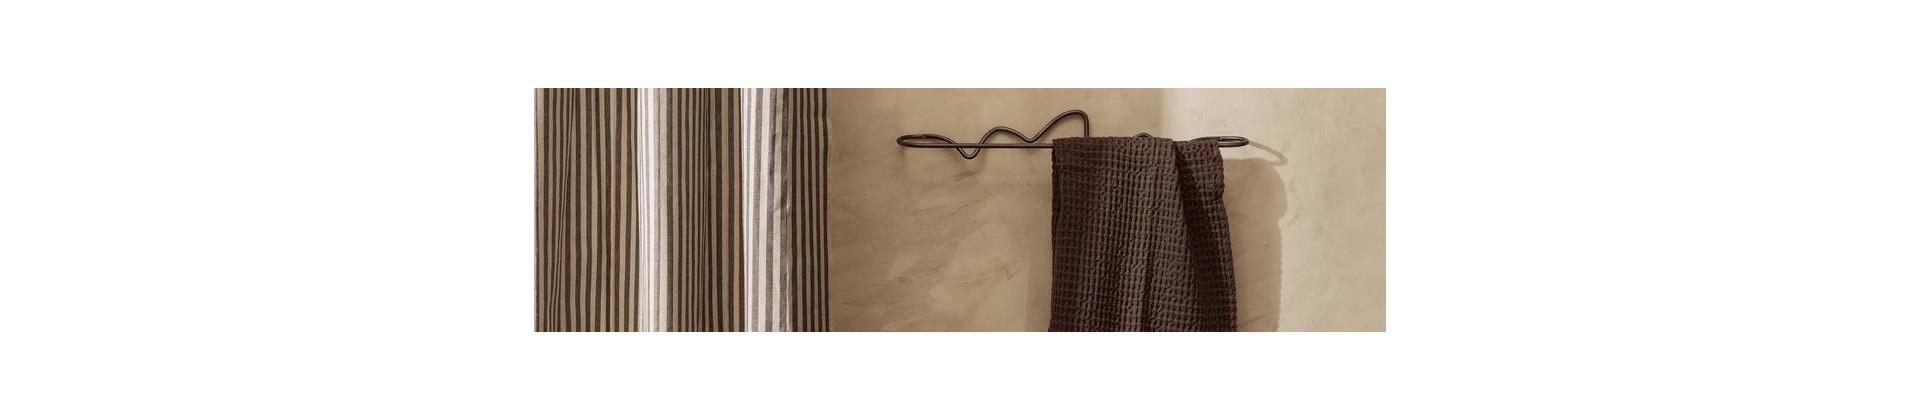 Accessoires design pour la salle de bain